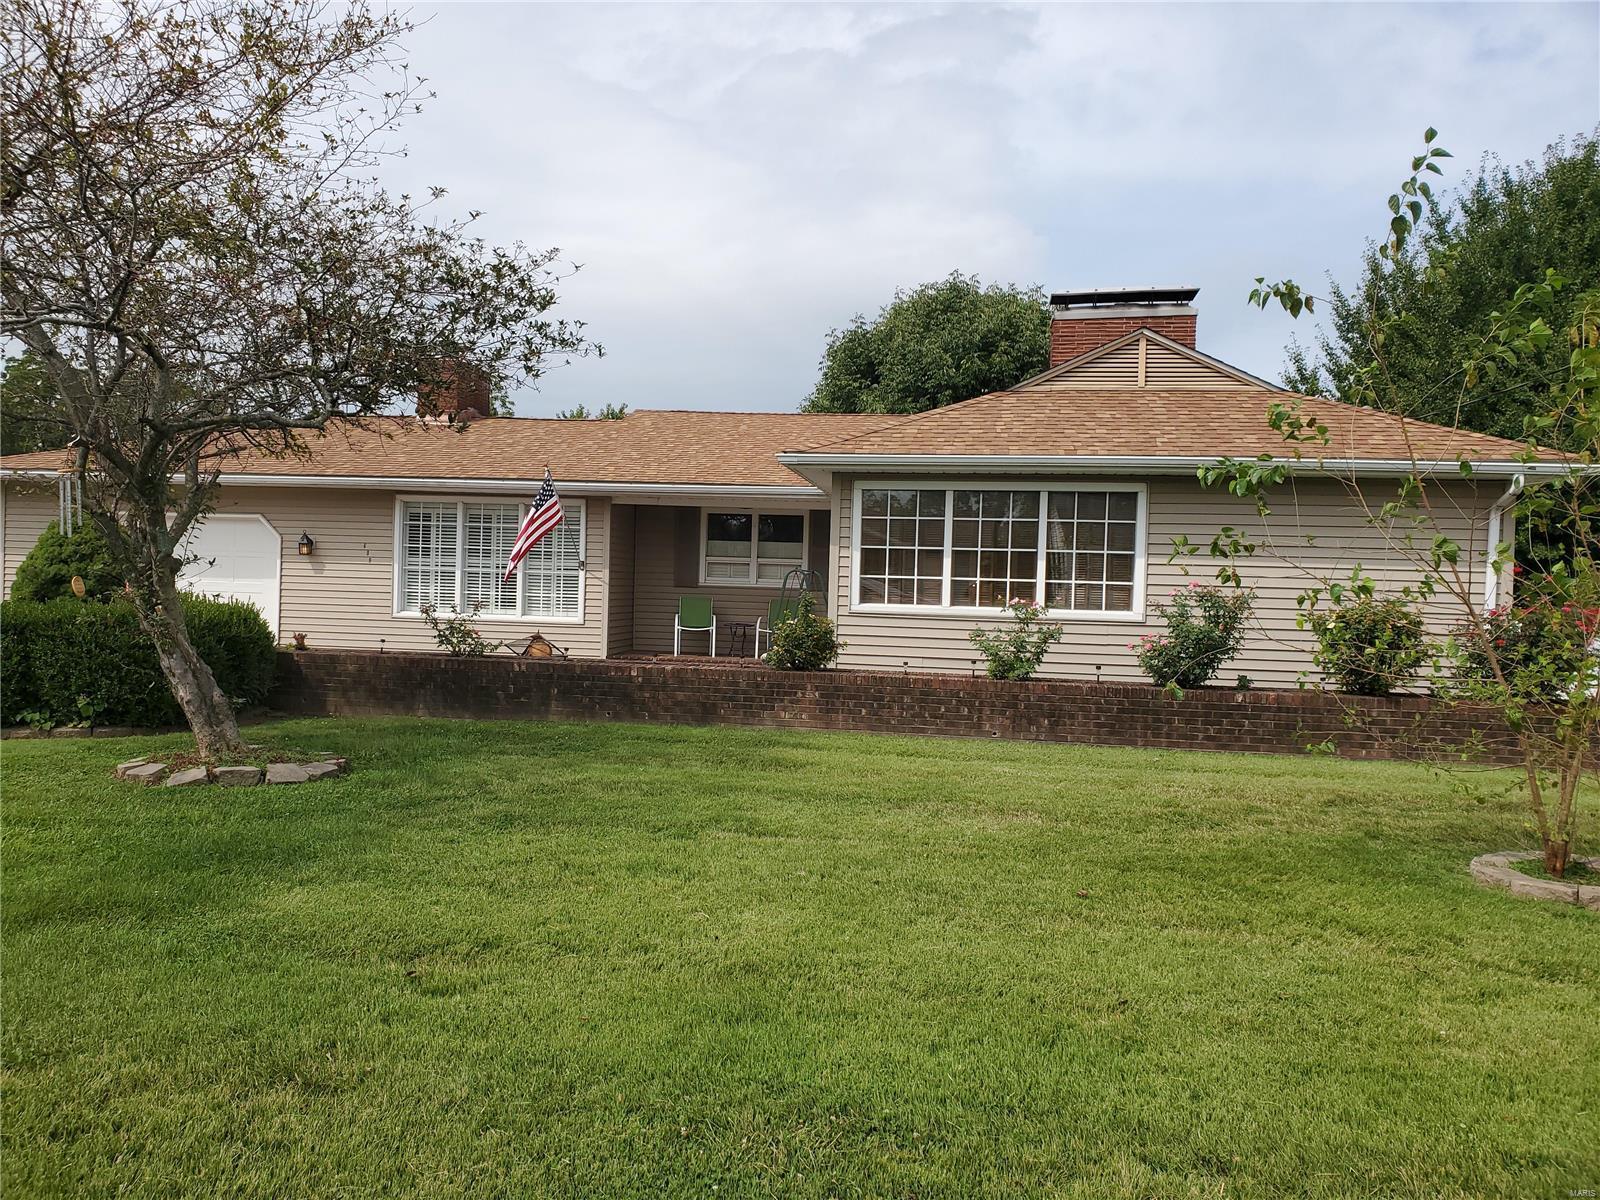 609 Solomon Property Photo - Chester, IL real estate listing